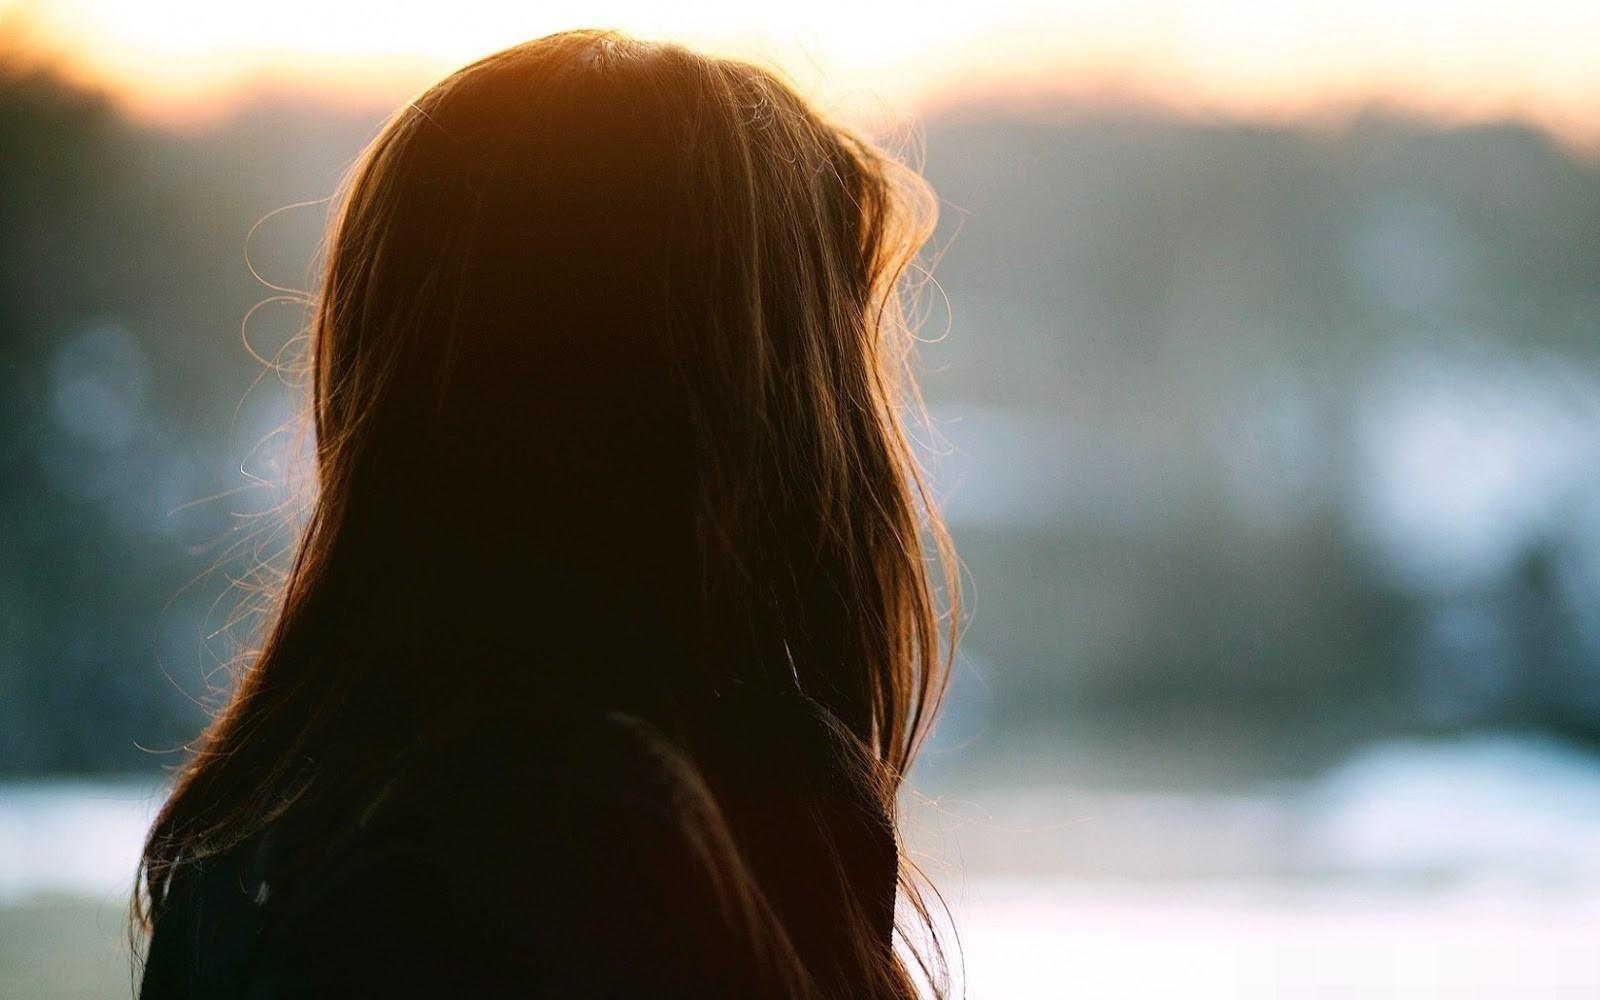 Đàn bà có thể mạnh mẽ chịu khổ nhưng không thể chấp nhận hai hành động này của đàn ông - Ảnh 2